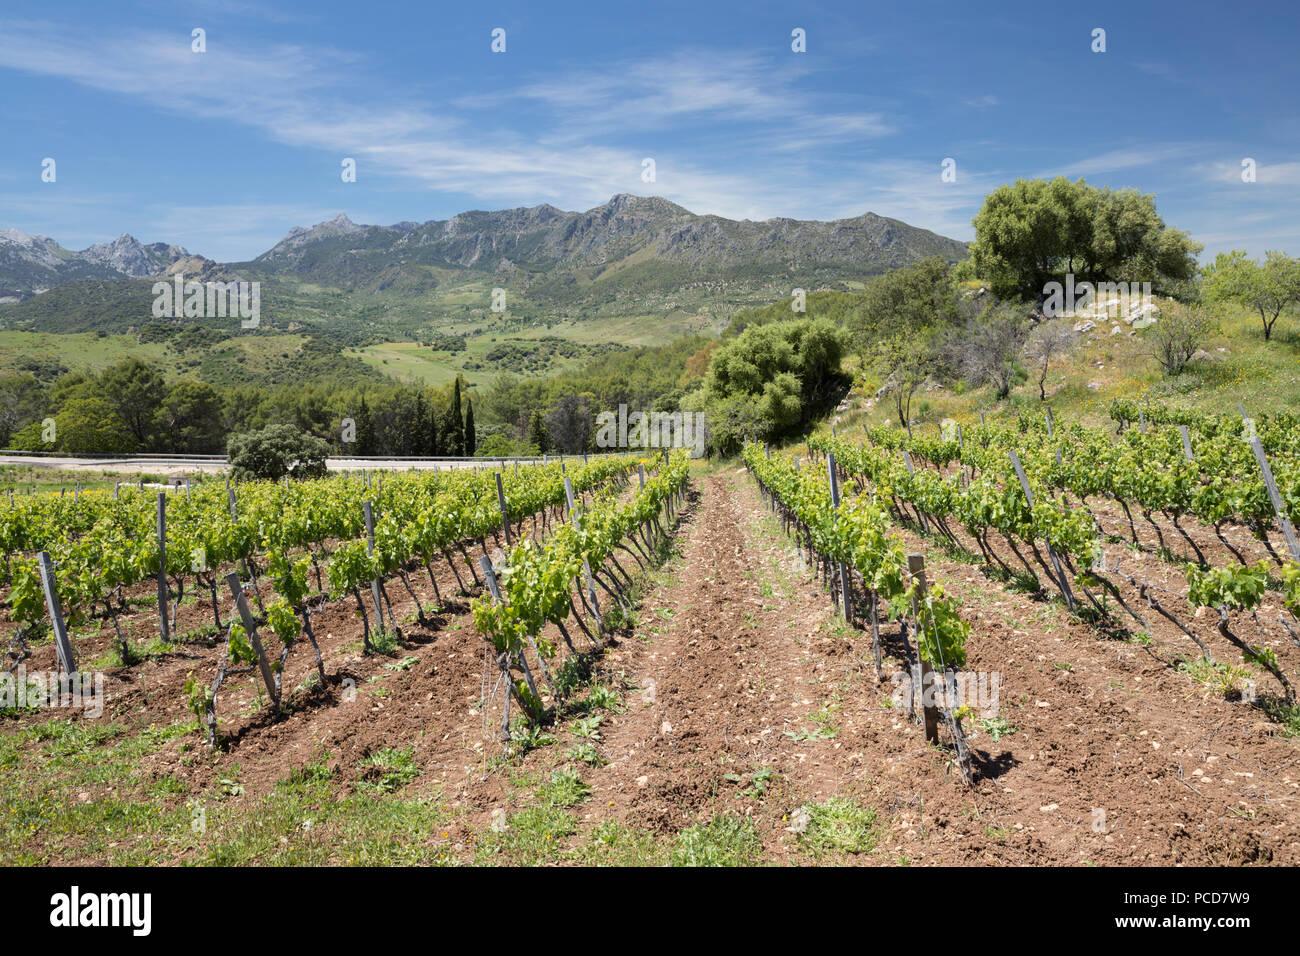 Vigneto impostato sotto le montagne della Sierra de Grazalema parco naturale, Zahara de la Sierra, la provincia di Cadiz Cadice, Andalusia, Spagna, Europa Immagini Stock